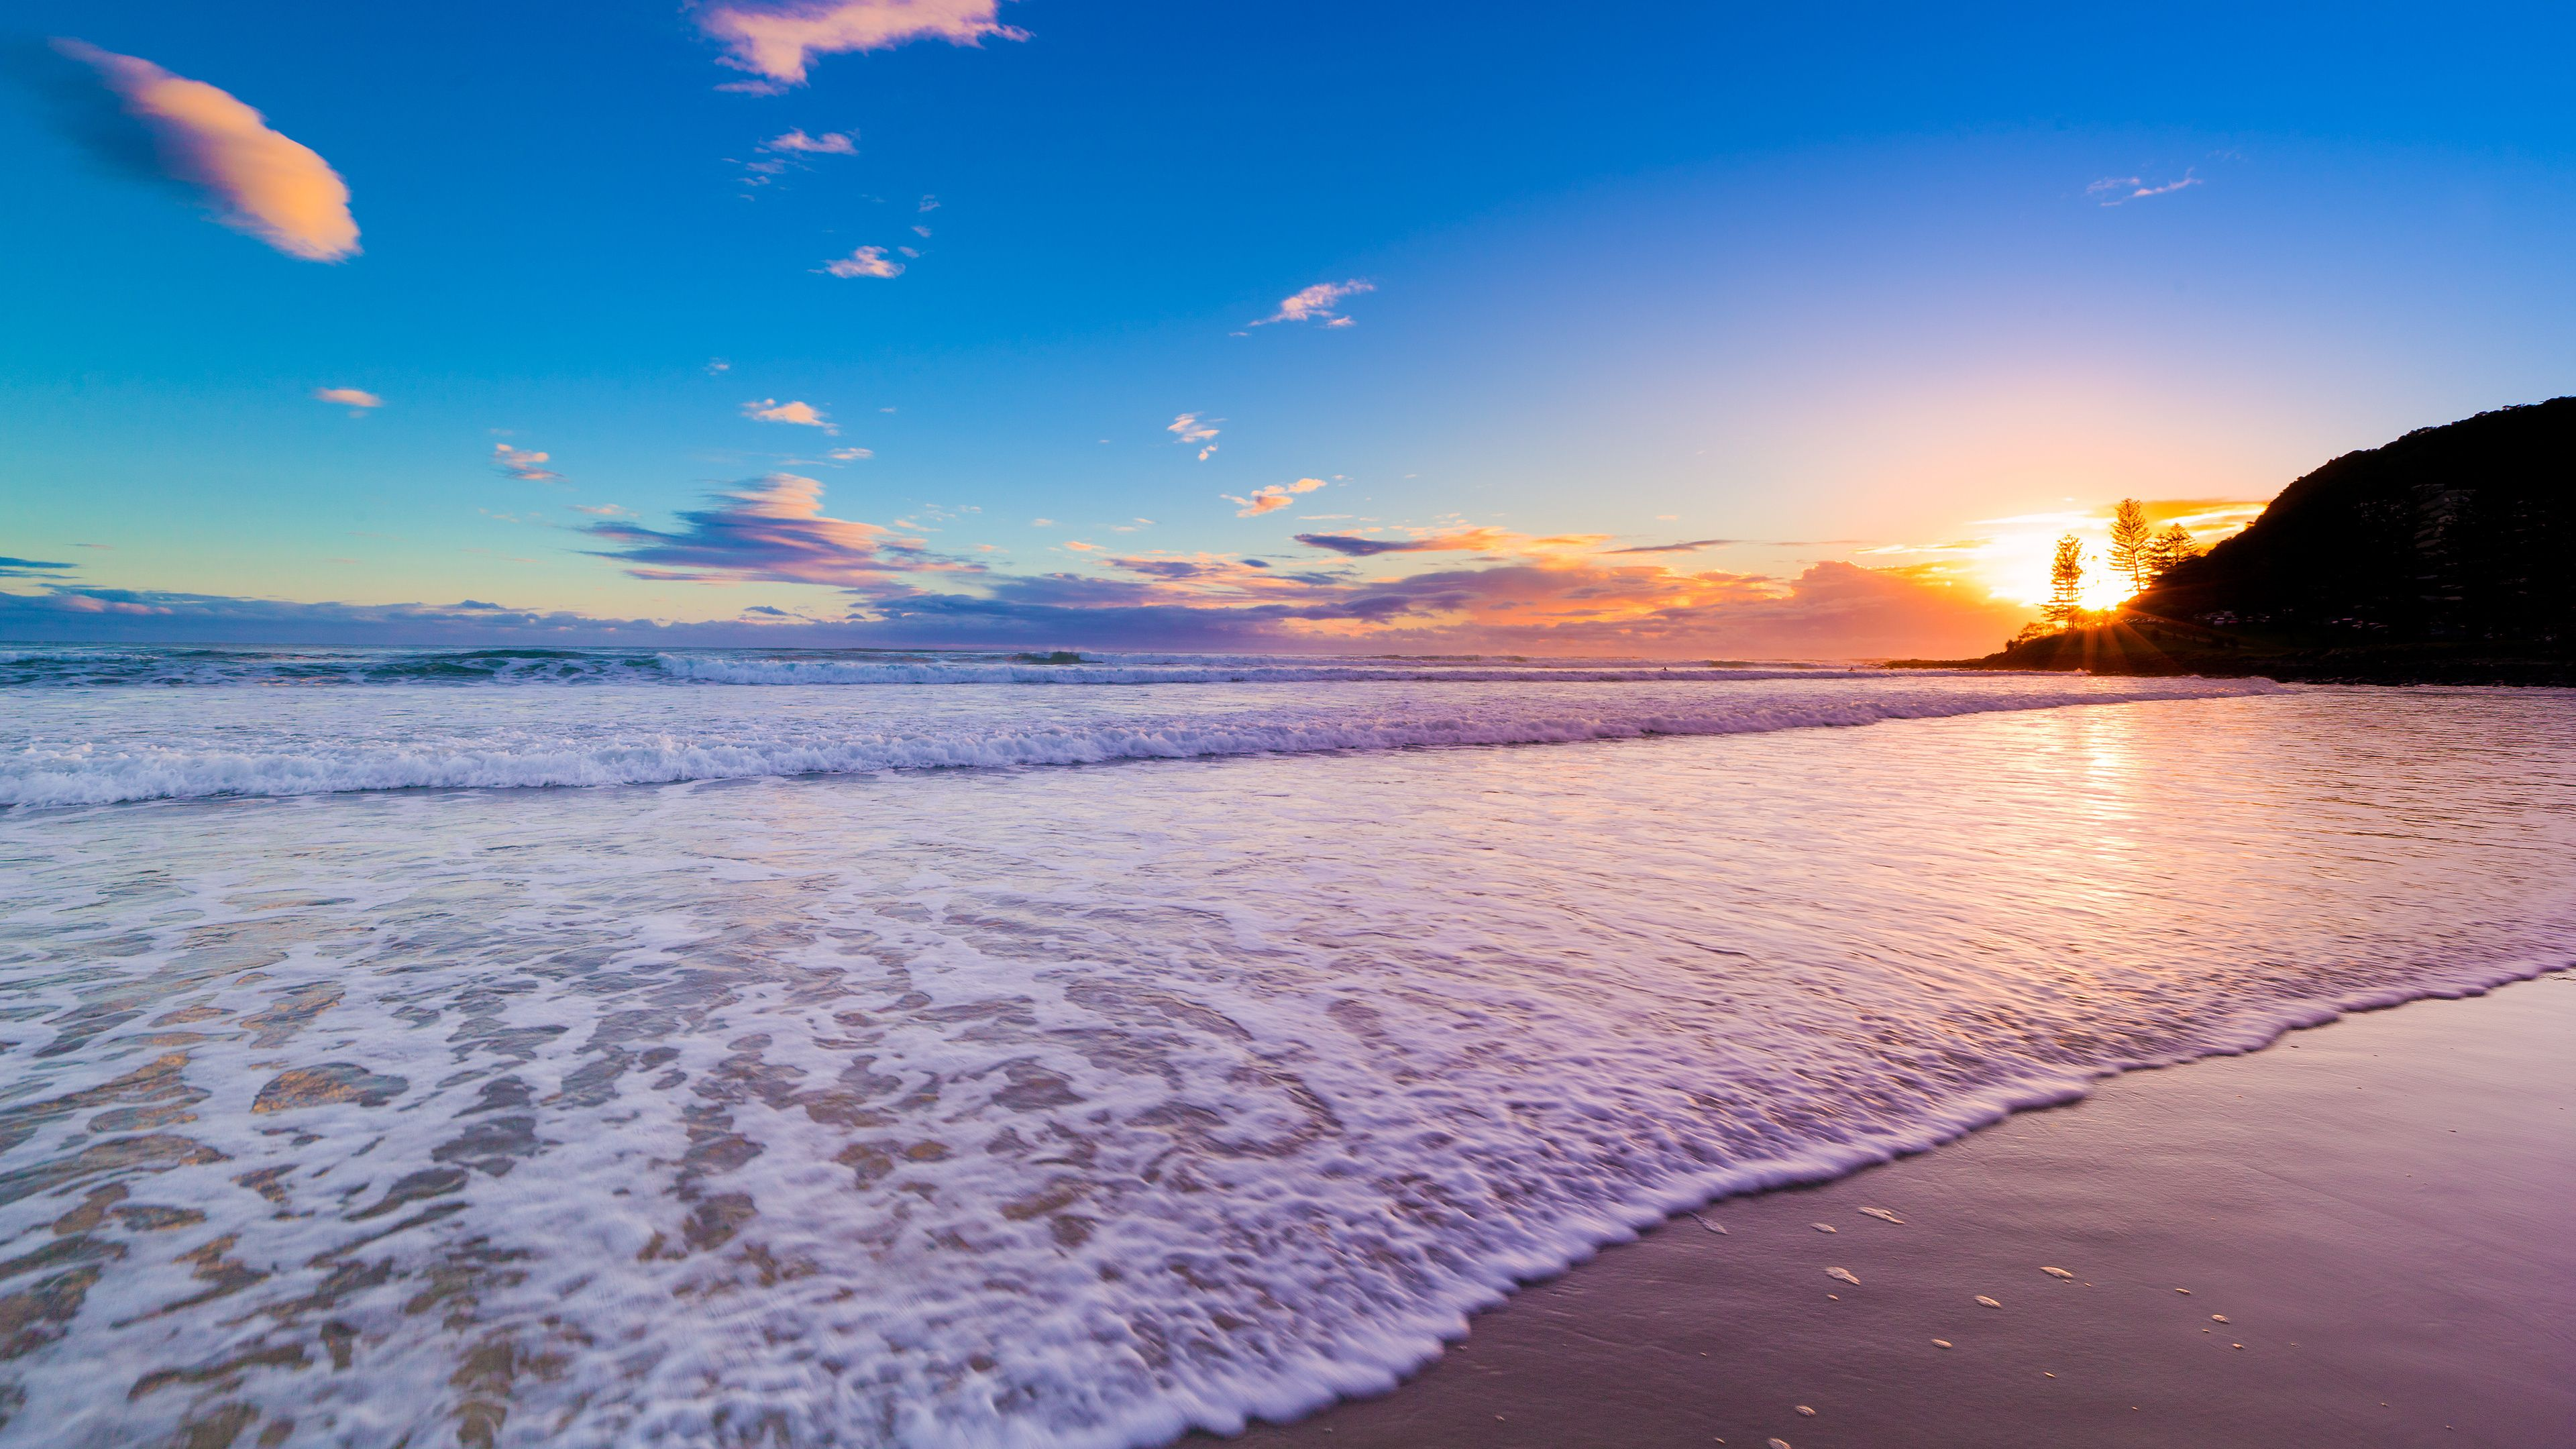 Wallpaper Burleigh Heads Beach Gold Coast Queensland: Ultra HD Wallpaper, Flower 4K